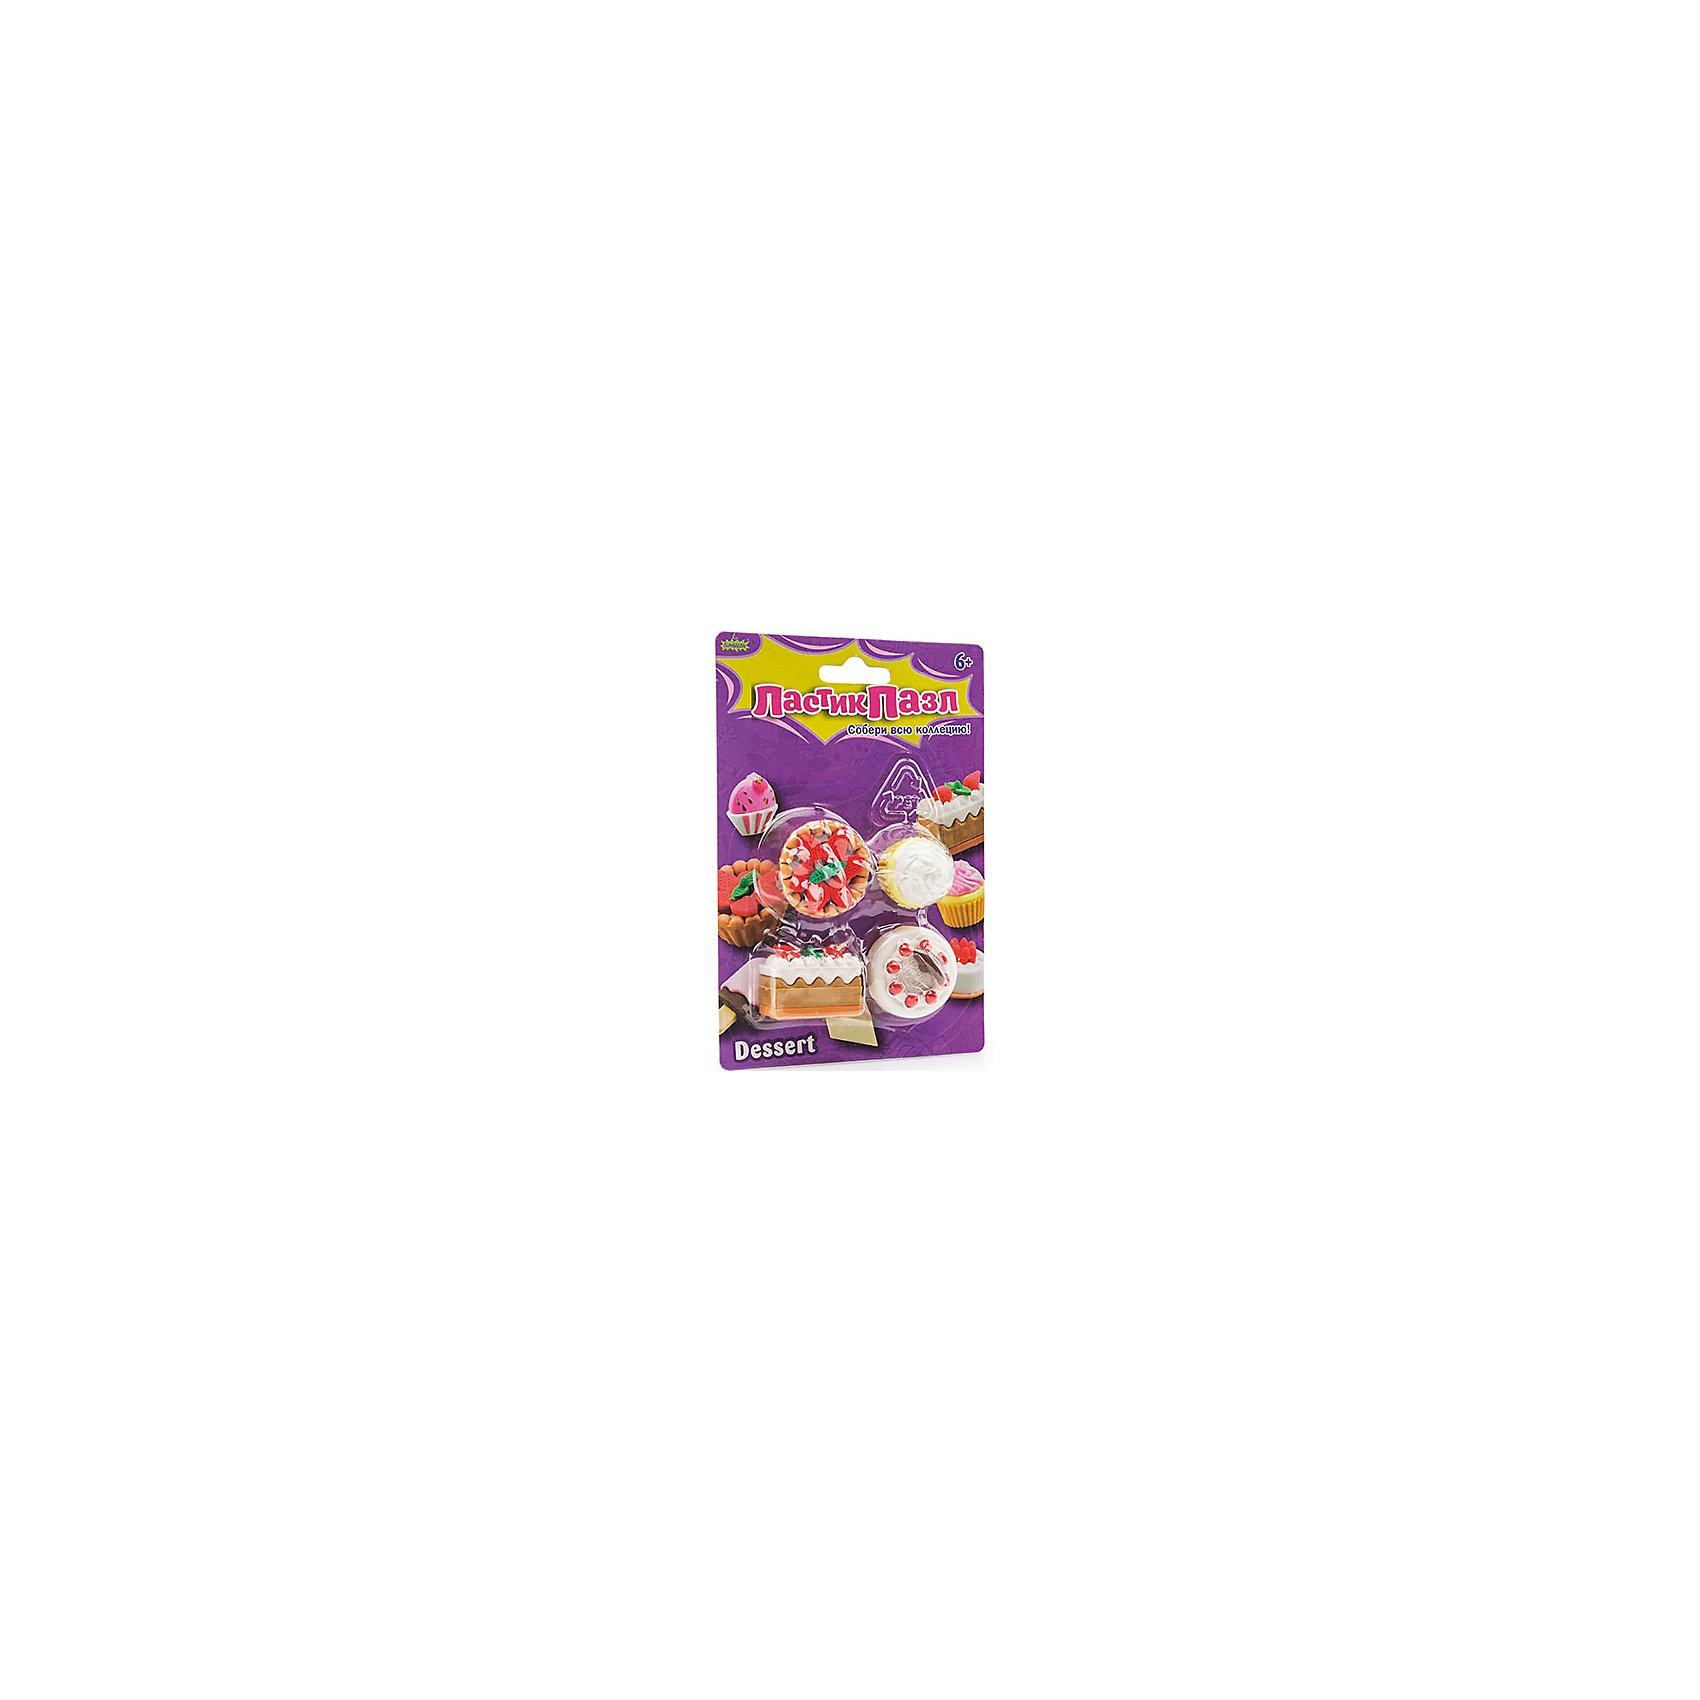 Набор Ластик-пазл - Тортики БумбарамНабор Ластики-пазлы на блистере Тортики, Бумбарам.<br><br>Характеристики:<br><br>• качественный ластик<br>• каждый ластик состоит из нескольких пазлов<br>• развивает внимательность, усидчивость и мелкую моторику<br>• яркий дизайн<br>• материал: резина<br>• размер фигурок: 3-4 см<br>• размер упаковки: 13,5х9,5 см<br>• вес: 85 грамм<br><br>Если ваш ребенок любит торты, то набор Ластики-пазлы. Тортики обязательно понравится ему. В нем содержится 4 вида различных десертов, каждый из которых разбирается на части, чтобы ребенок смог снова собрать его. Это сможет развить мелкую моторику, внимательность и усидчивость. Такая увлекательная игра понравится юным любителям головоломок!<br><br>Вы можете купить набор Ластики-пазлы на блистере Тортики, Бумбарам в нашем интернет-магазине.<br><br>Ширина мм: 135<br>Глубина мм: 95<br>Высота мм: 50<br>Вес г: 85<br>Возраст от месяцев: 72<br>Возраст до месяцев: 144<br>Пол: Женский<br>Возраст: Детский<br>SKU: 5054006